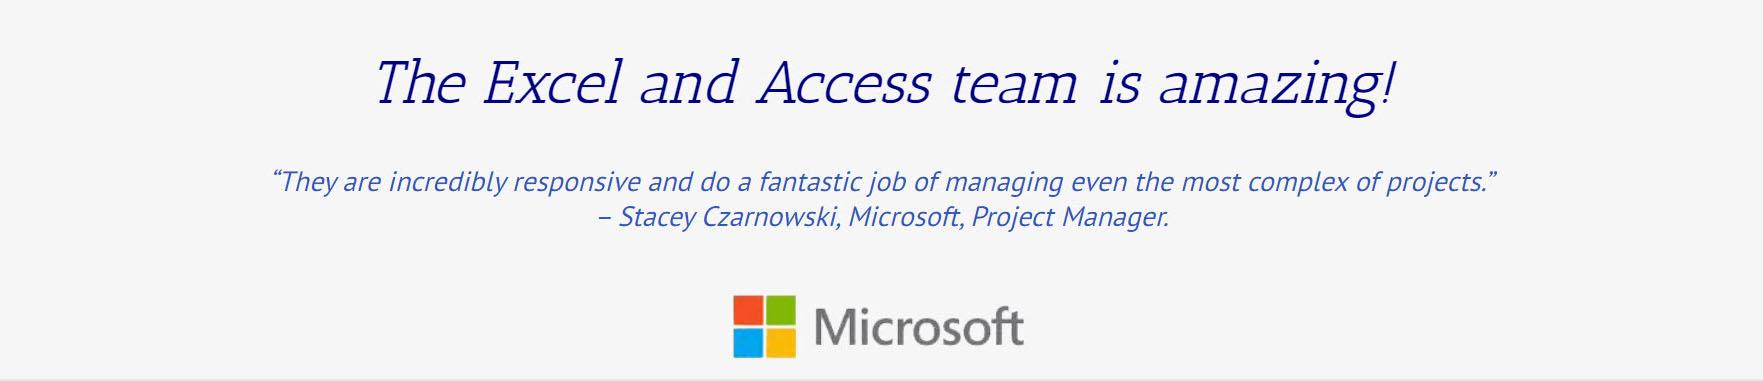 Microsoft Testimonial on our work